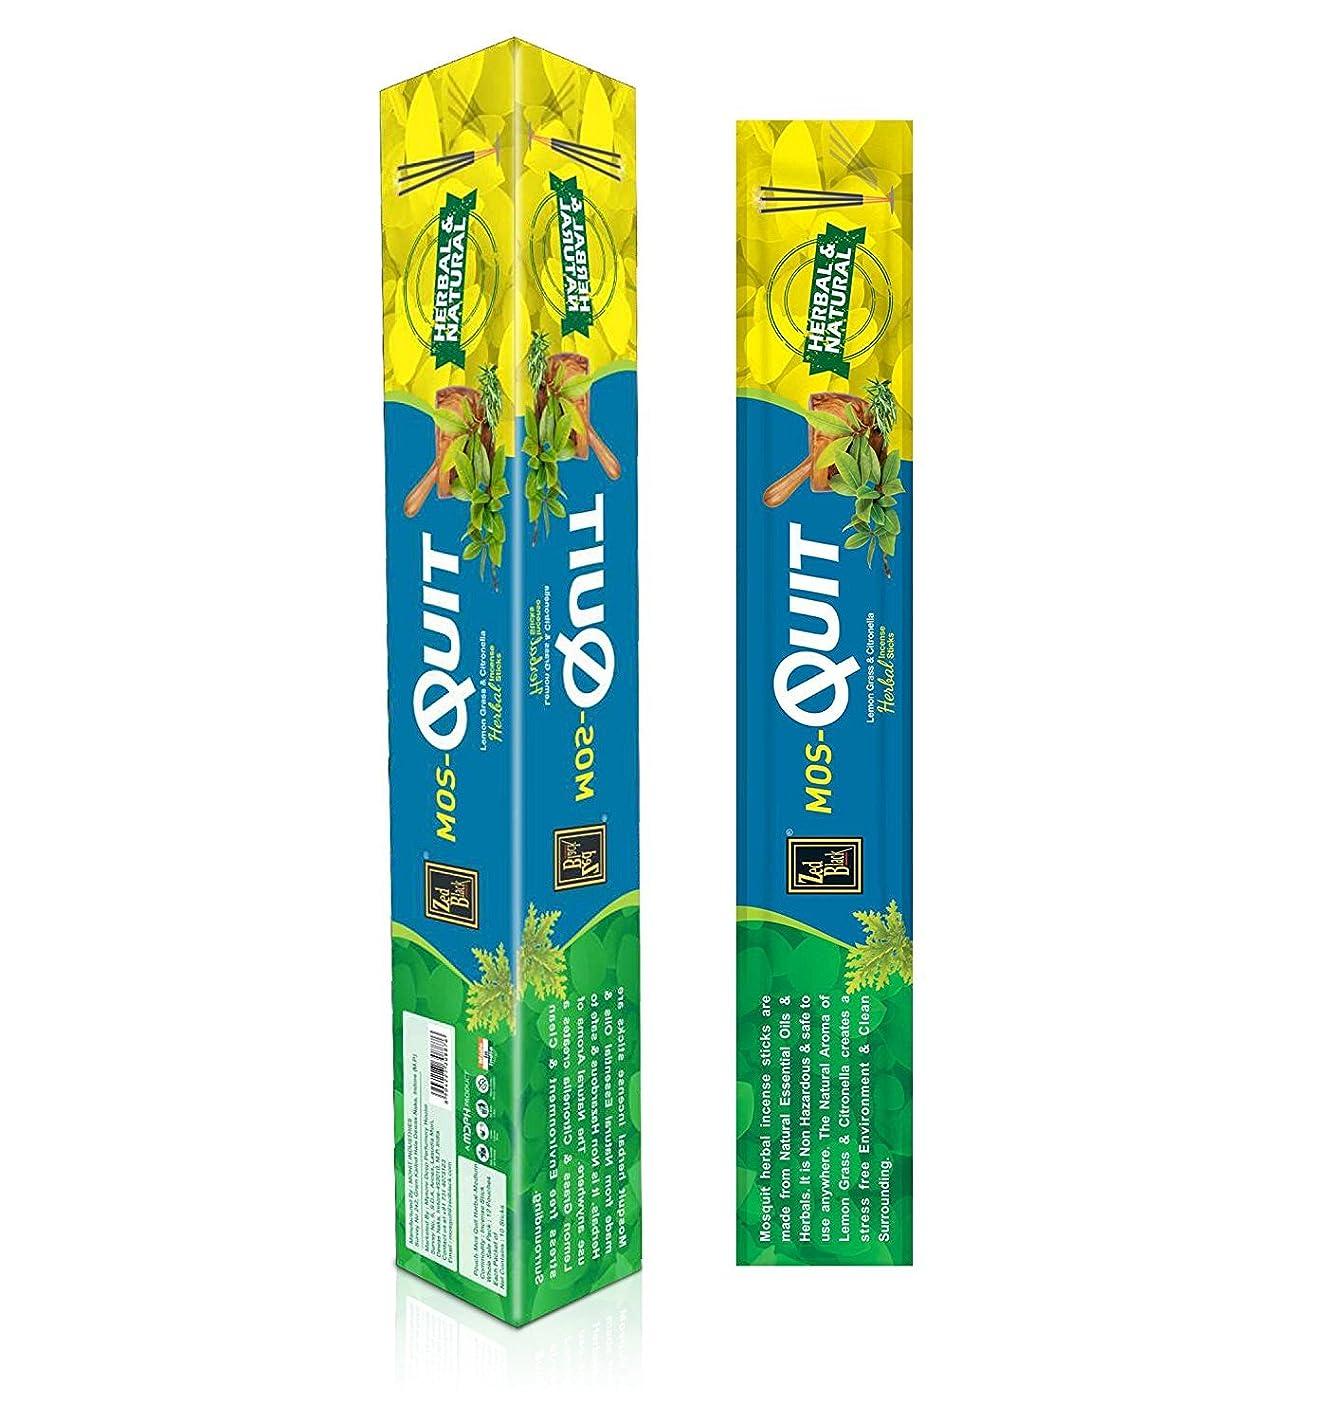 用量ウール決済Mosquit Incense Sticks?–?120ハーブスティック?–?Mosquito Repellent自然な香りSticks?–?効果的な& worthy-madeから天然エッセンシャルオイル、ハーブ製品?–?Scented Oil Sticks